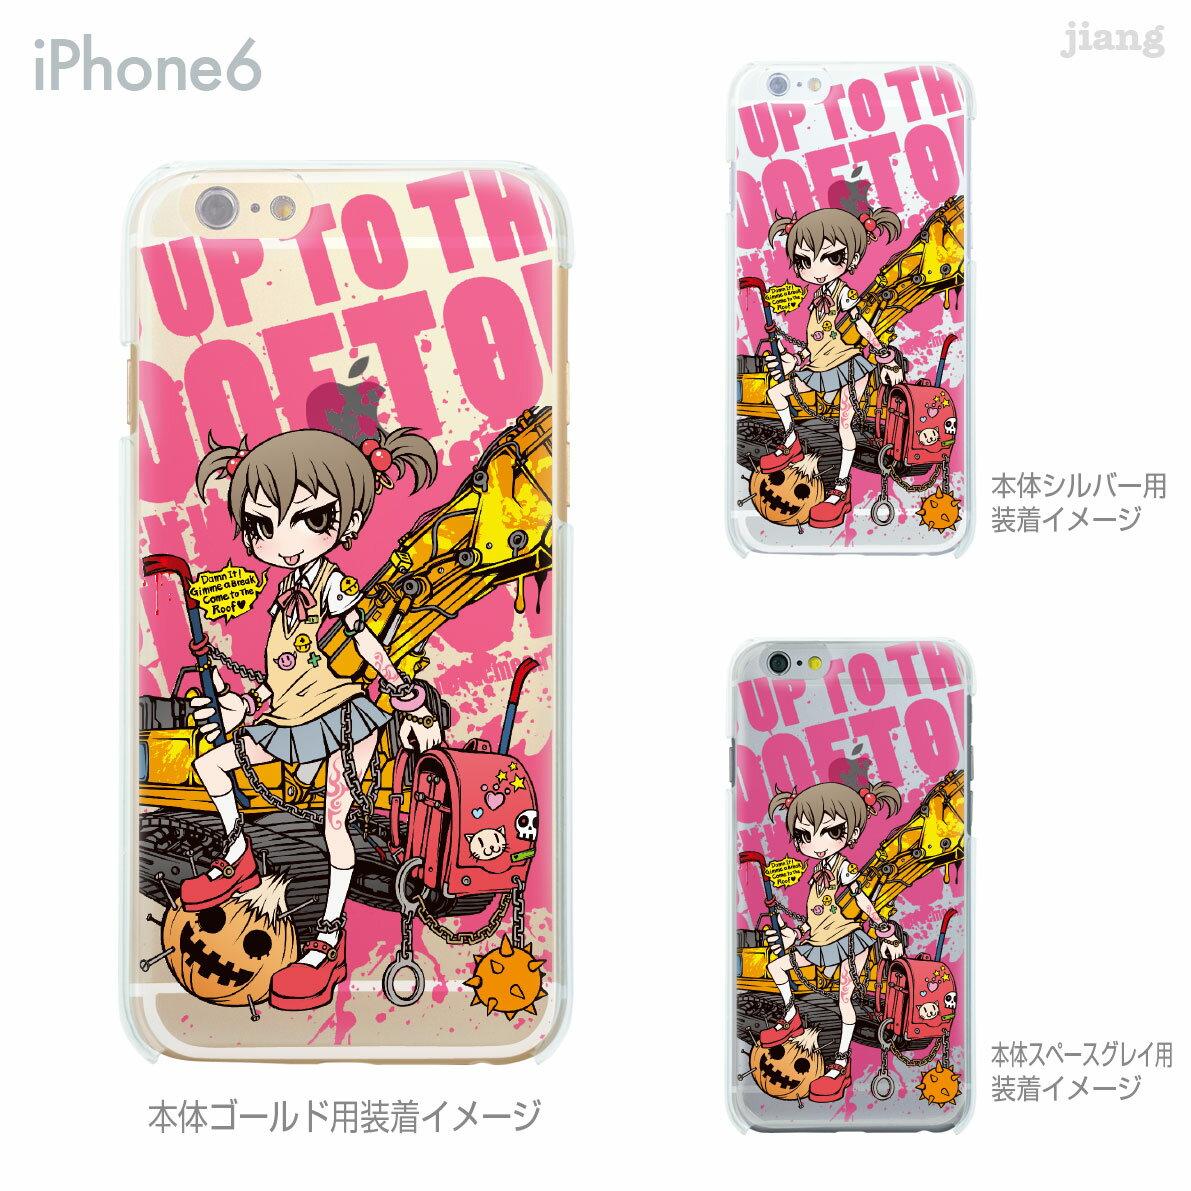 iPhoneX iPhone X ケース iPhone8 iPhone7ケース iPhone7 Plus iPhone6s iPhone6 Plus iphone ハードケース Clear Arts ケース カバー スマホケース クリアケース Project.C.K. バル美 11-ip6-ca0001-s